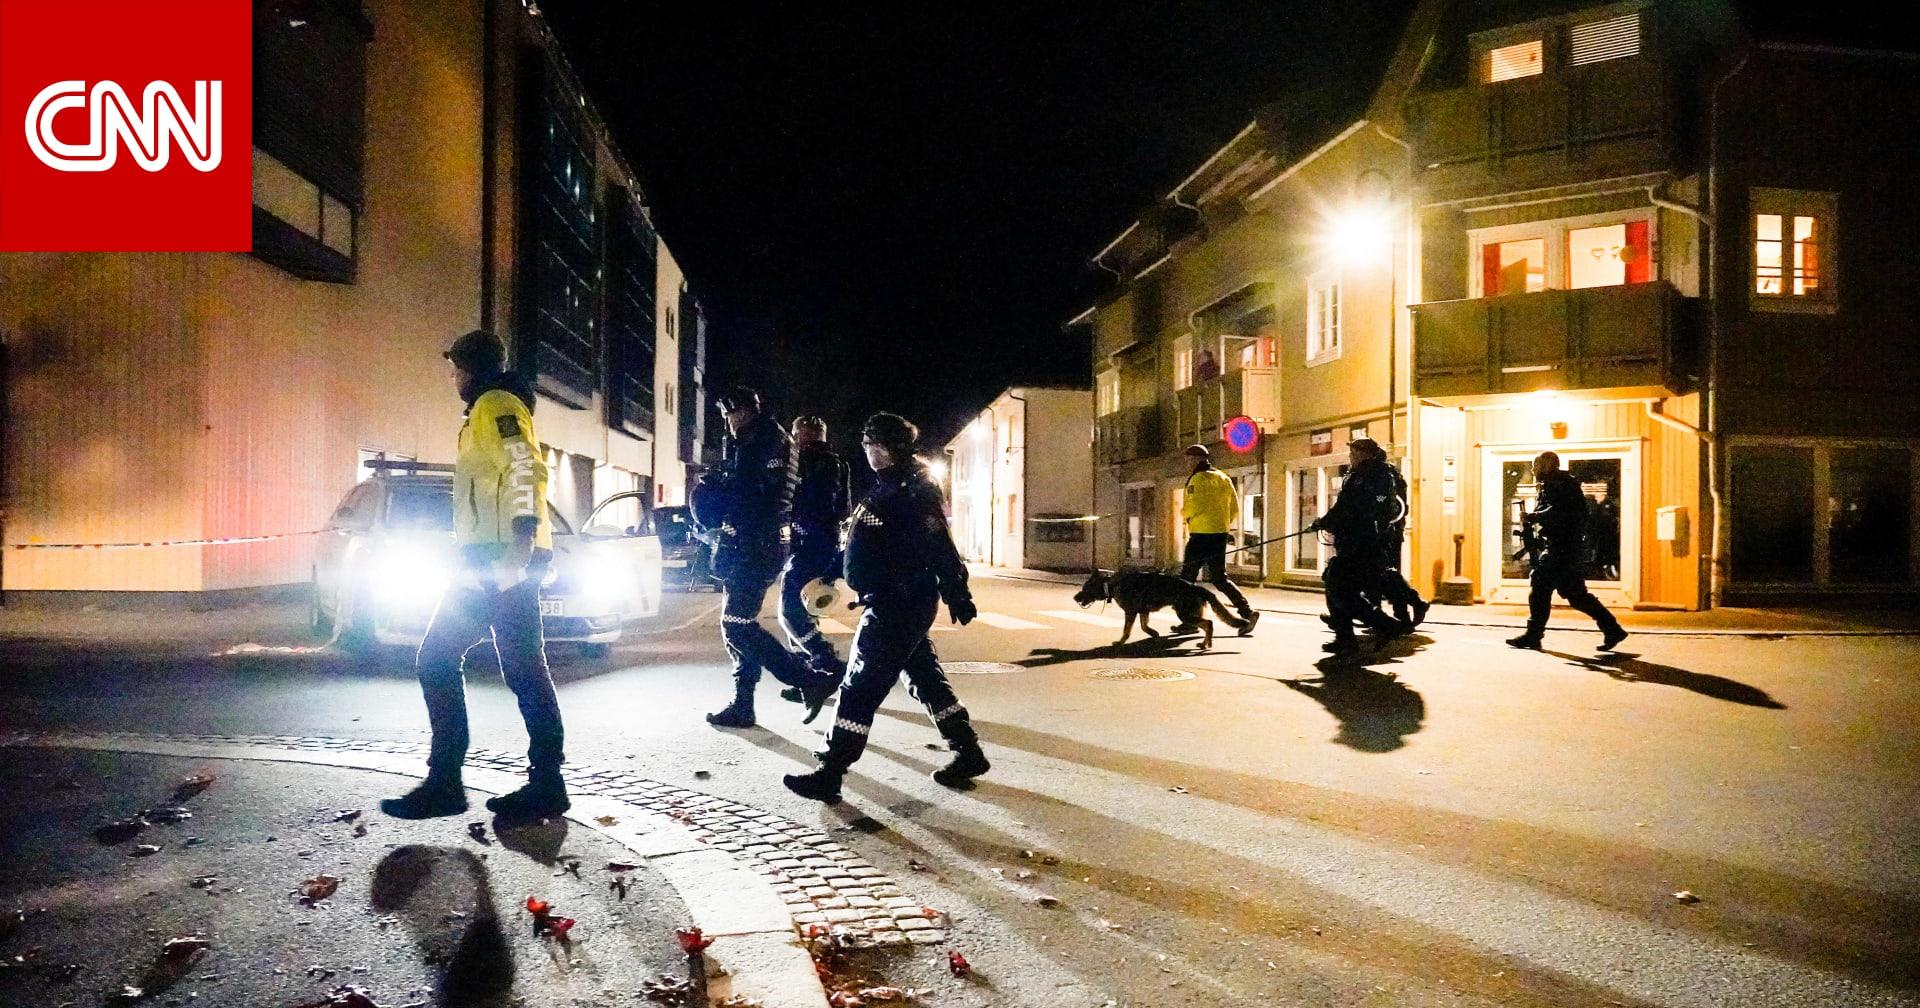 في هجوم بالقوس والسهم.. مقتل عدة أشخاص على يد مهاجم بالنرويج